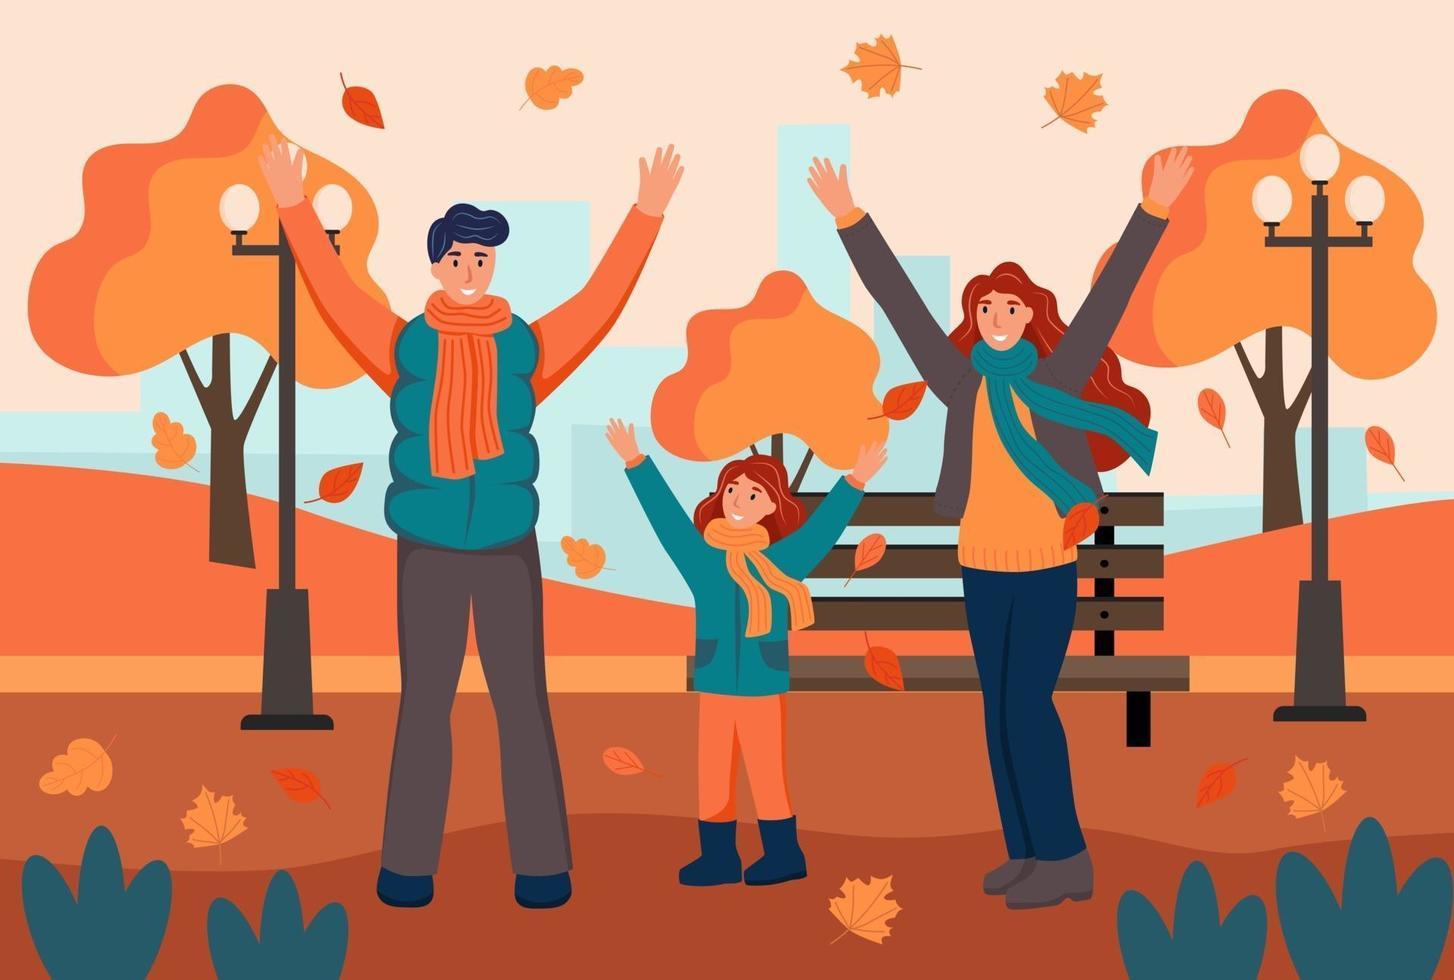 familjen promenader i höst park. pappa, mamma och dotter har kul och kastar löv. platt tecknad vektorillustration. vektor